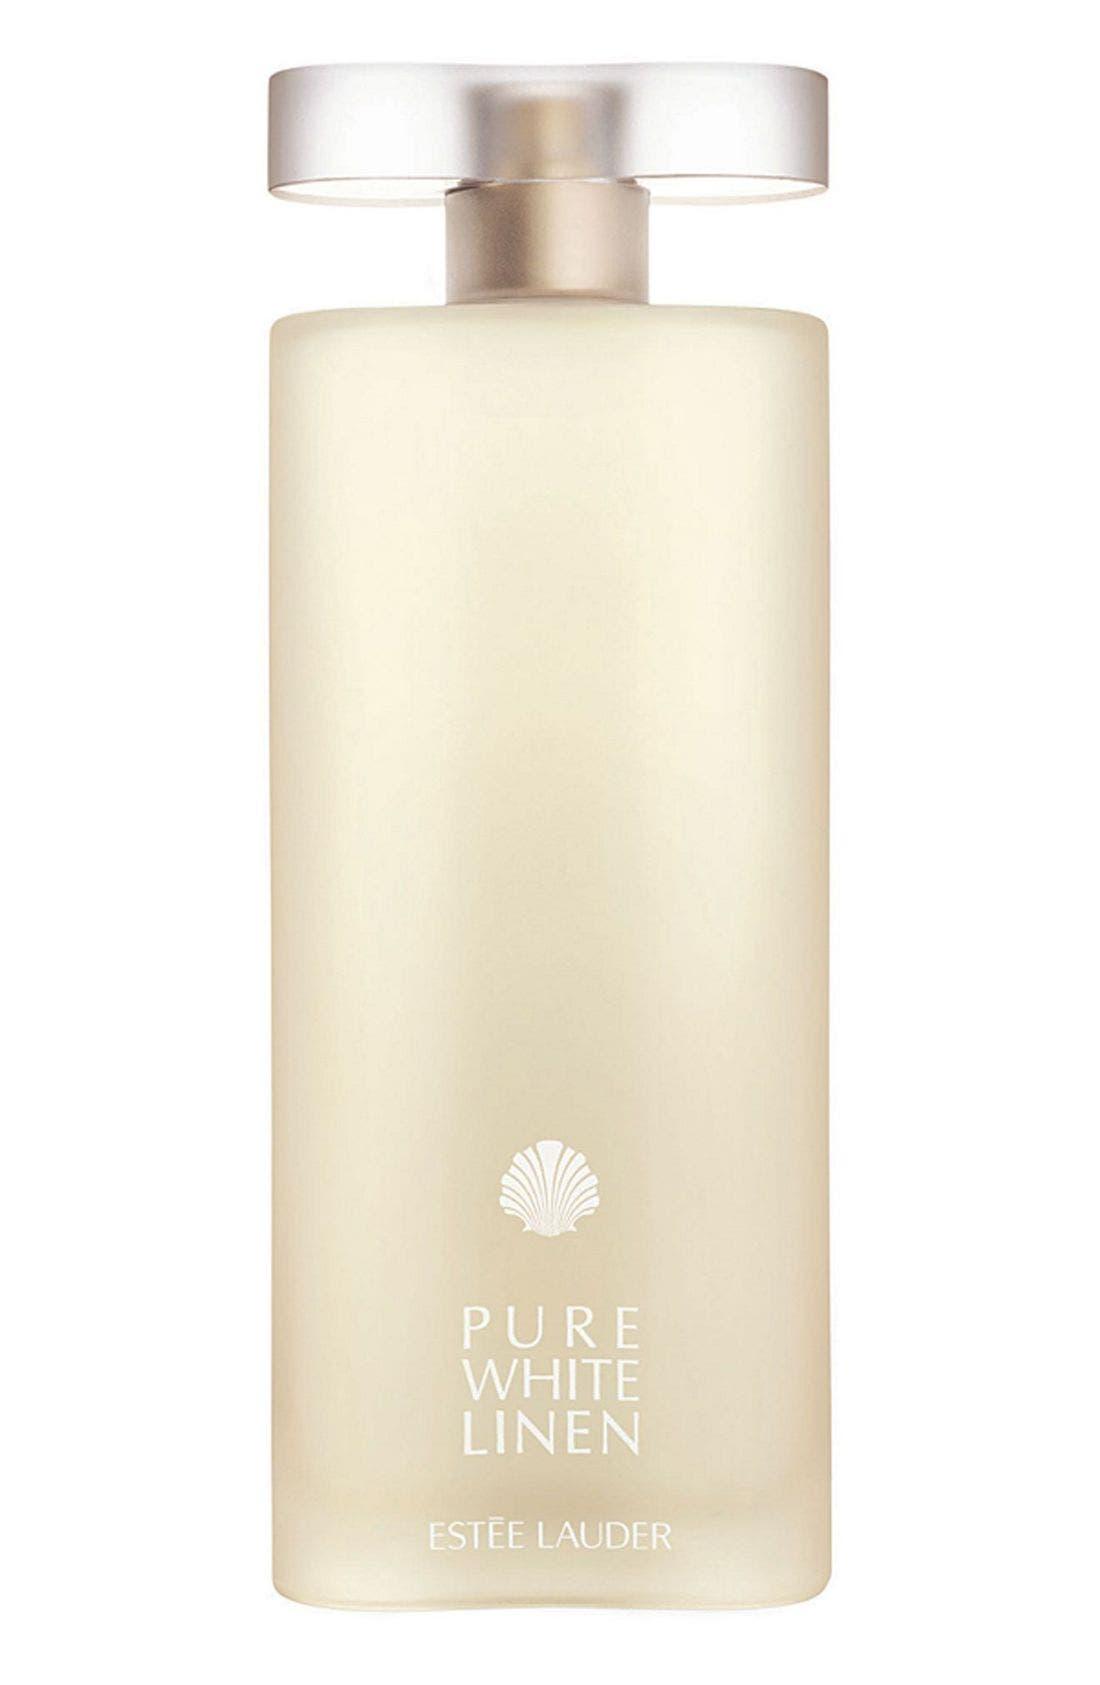 ESTÉE LAUDER, Pure White Linen Eau de Parfum Spray, Main thumbnail 1, color, NO COLOR